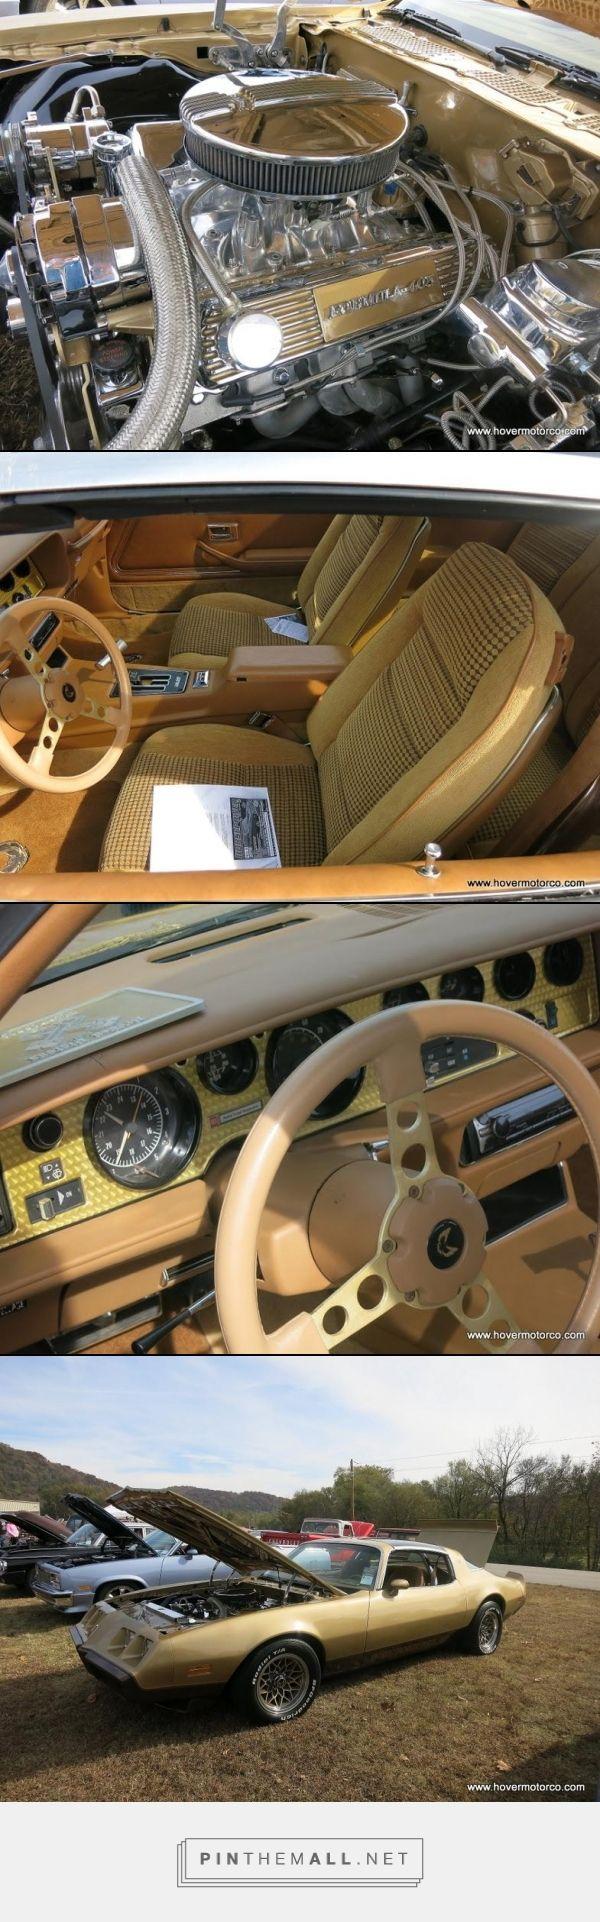 Pontiac Firebird                                                                                                                                                                                 More